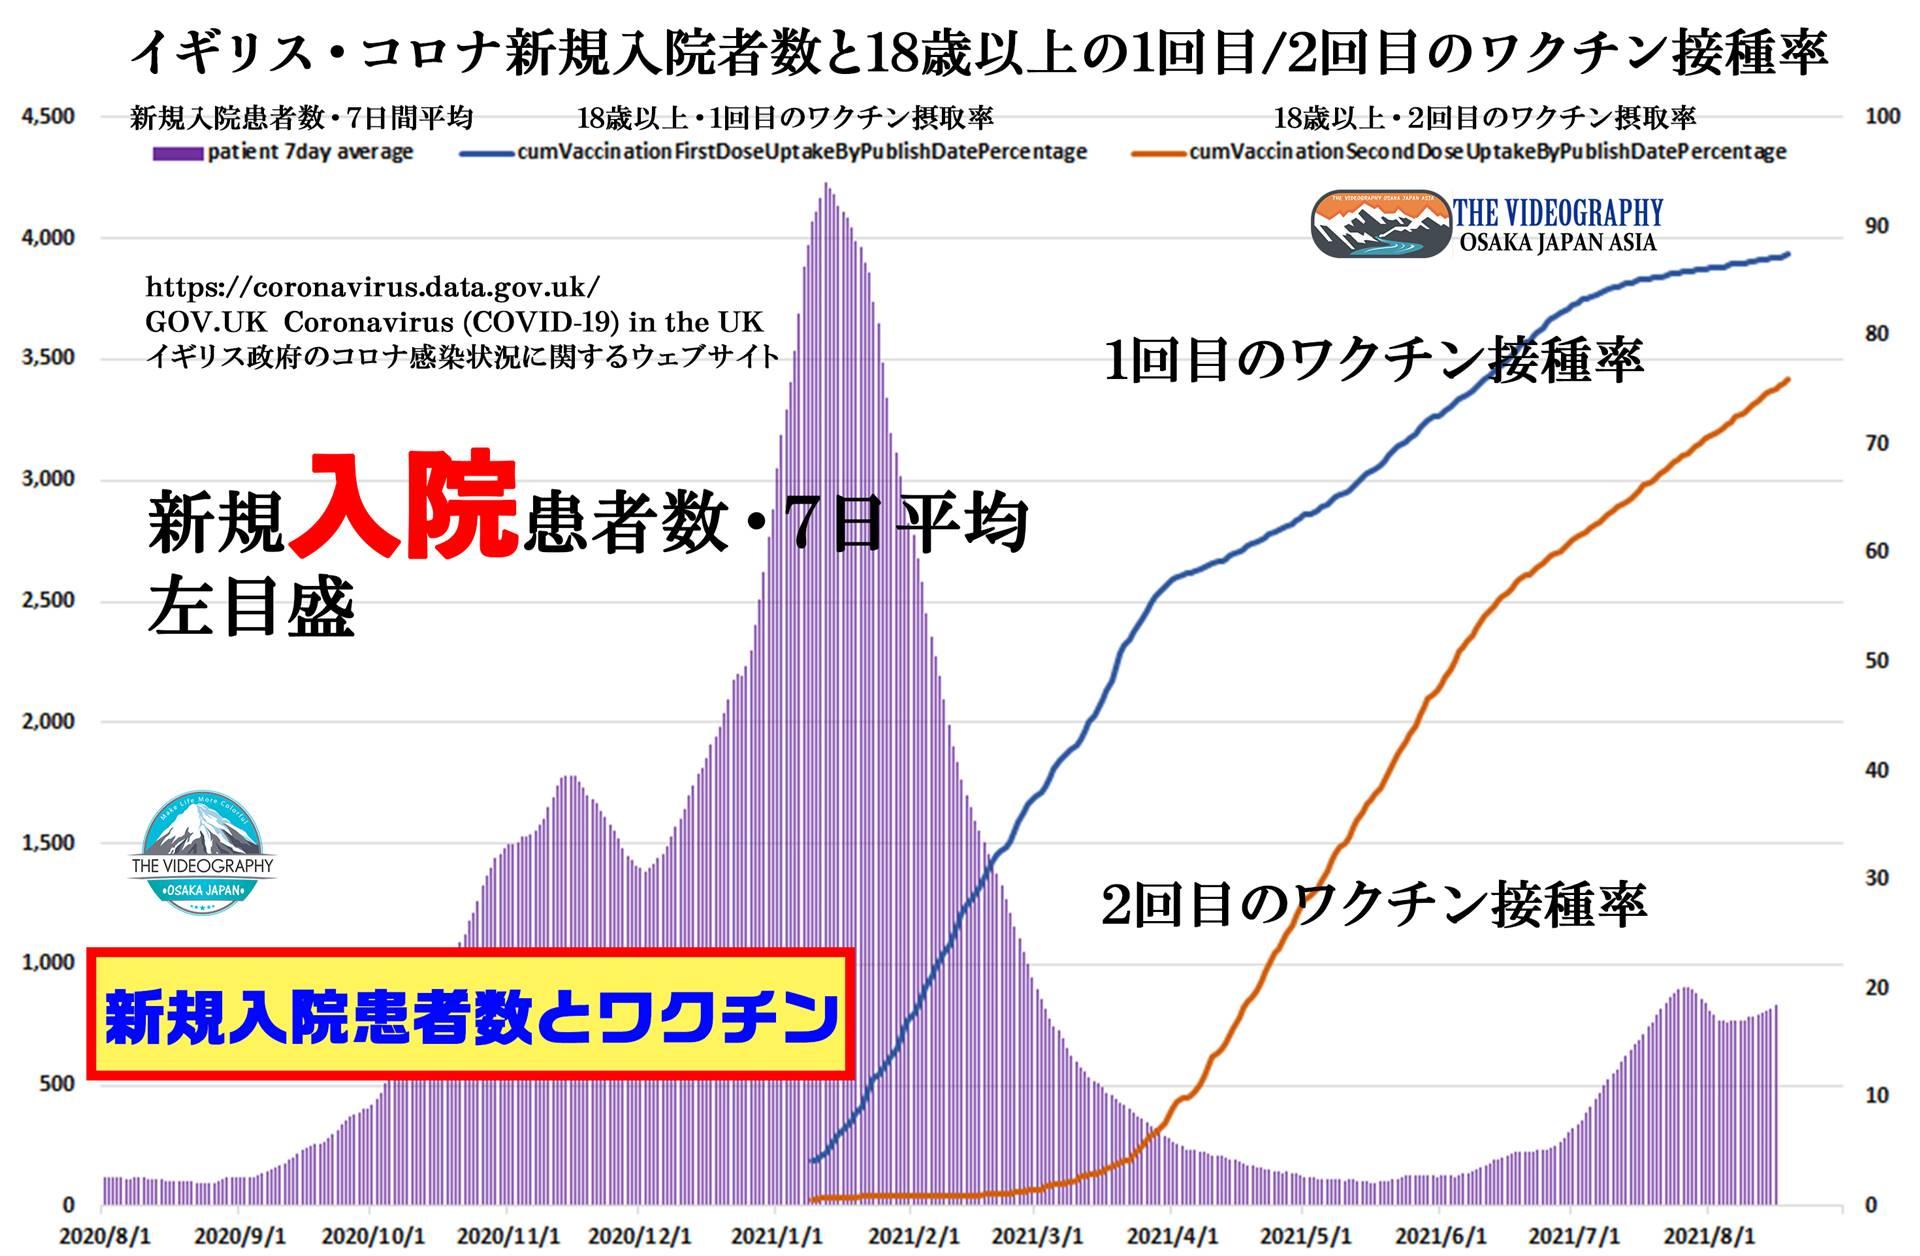 ワクチン接種後の世界・ワクチン接種率と新規入院患者数